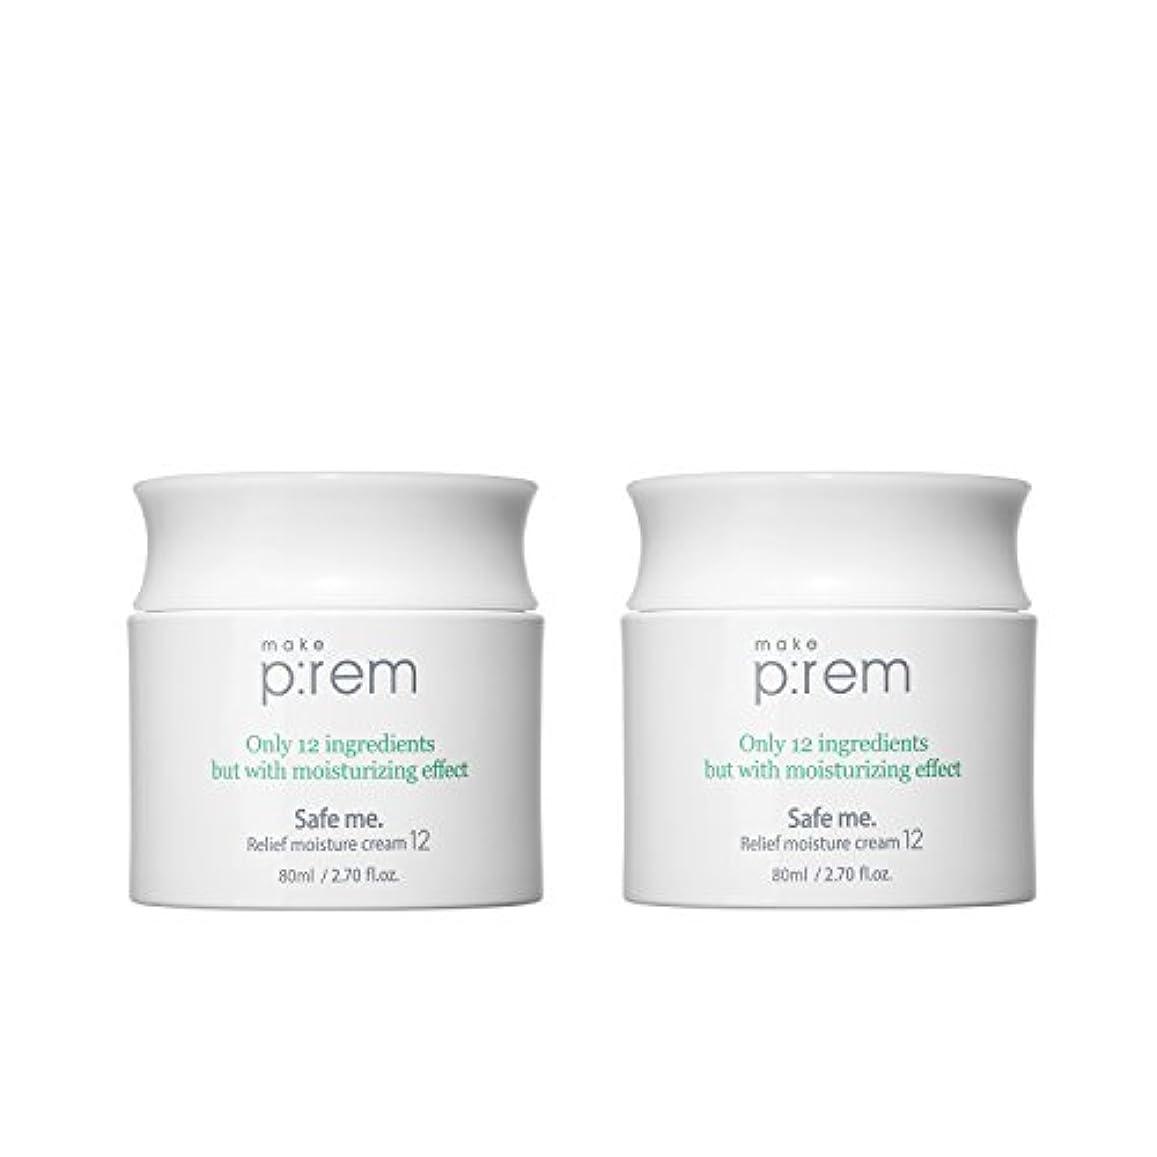 効果的書士曇った(2個セット) x [MAKE P:REM] メイクプレム セーフミ?リリーフモイスチャークリーム12 80ml / Safe me. Relief moisture Cream 12 80ml / / 韓国製 . 海外直送品